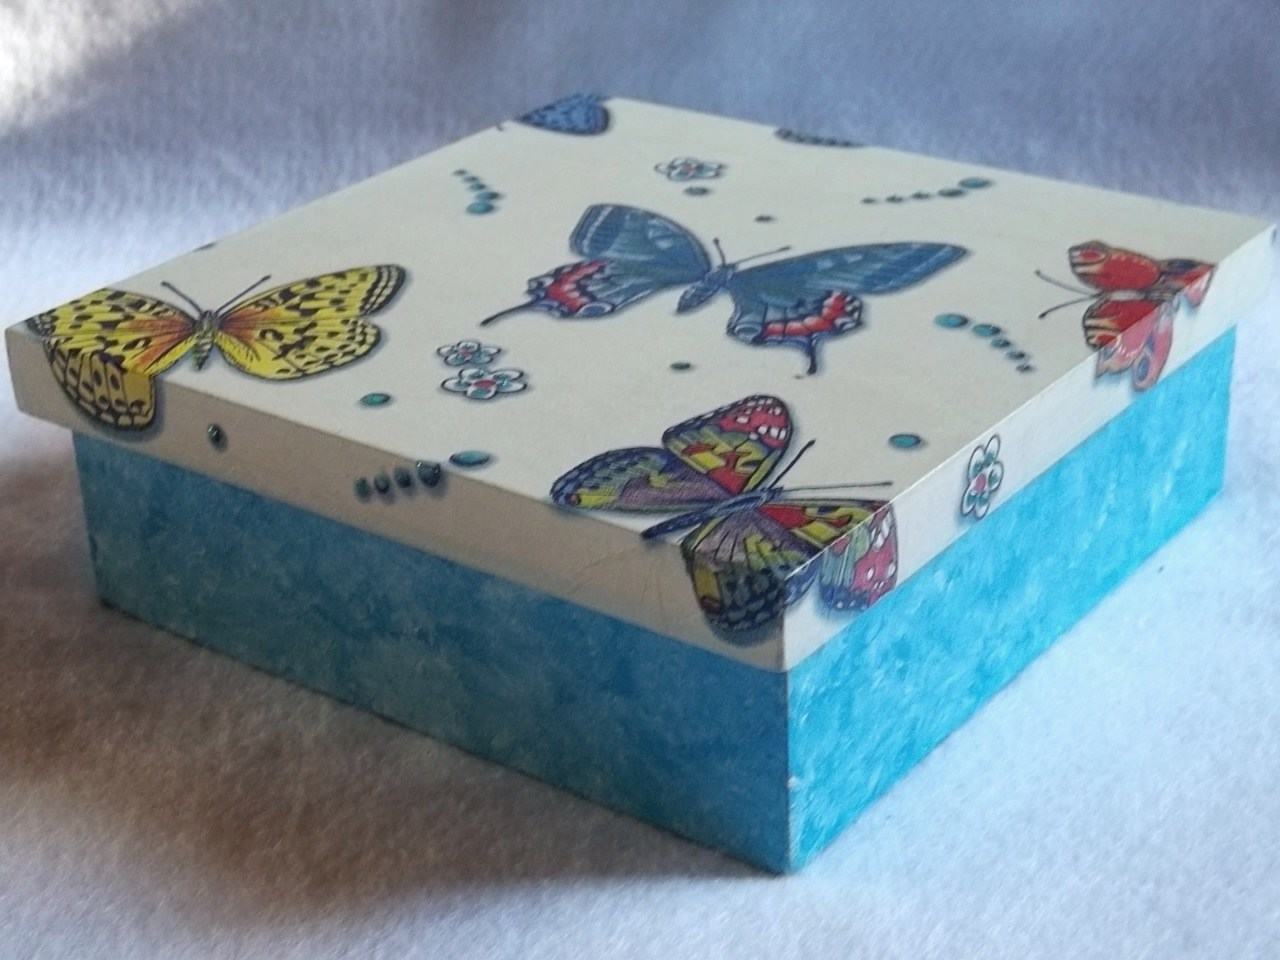 Caixa Kit em Mdf – Azul com Branco « .::Vini e Kika.::.Blog Arte e  #1490B7 1280x960